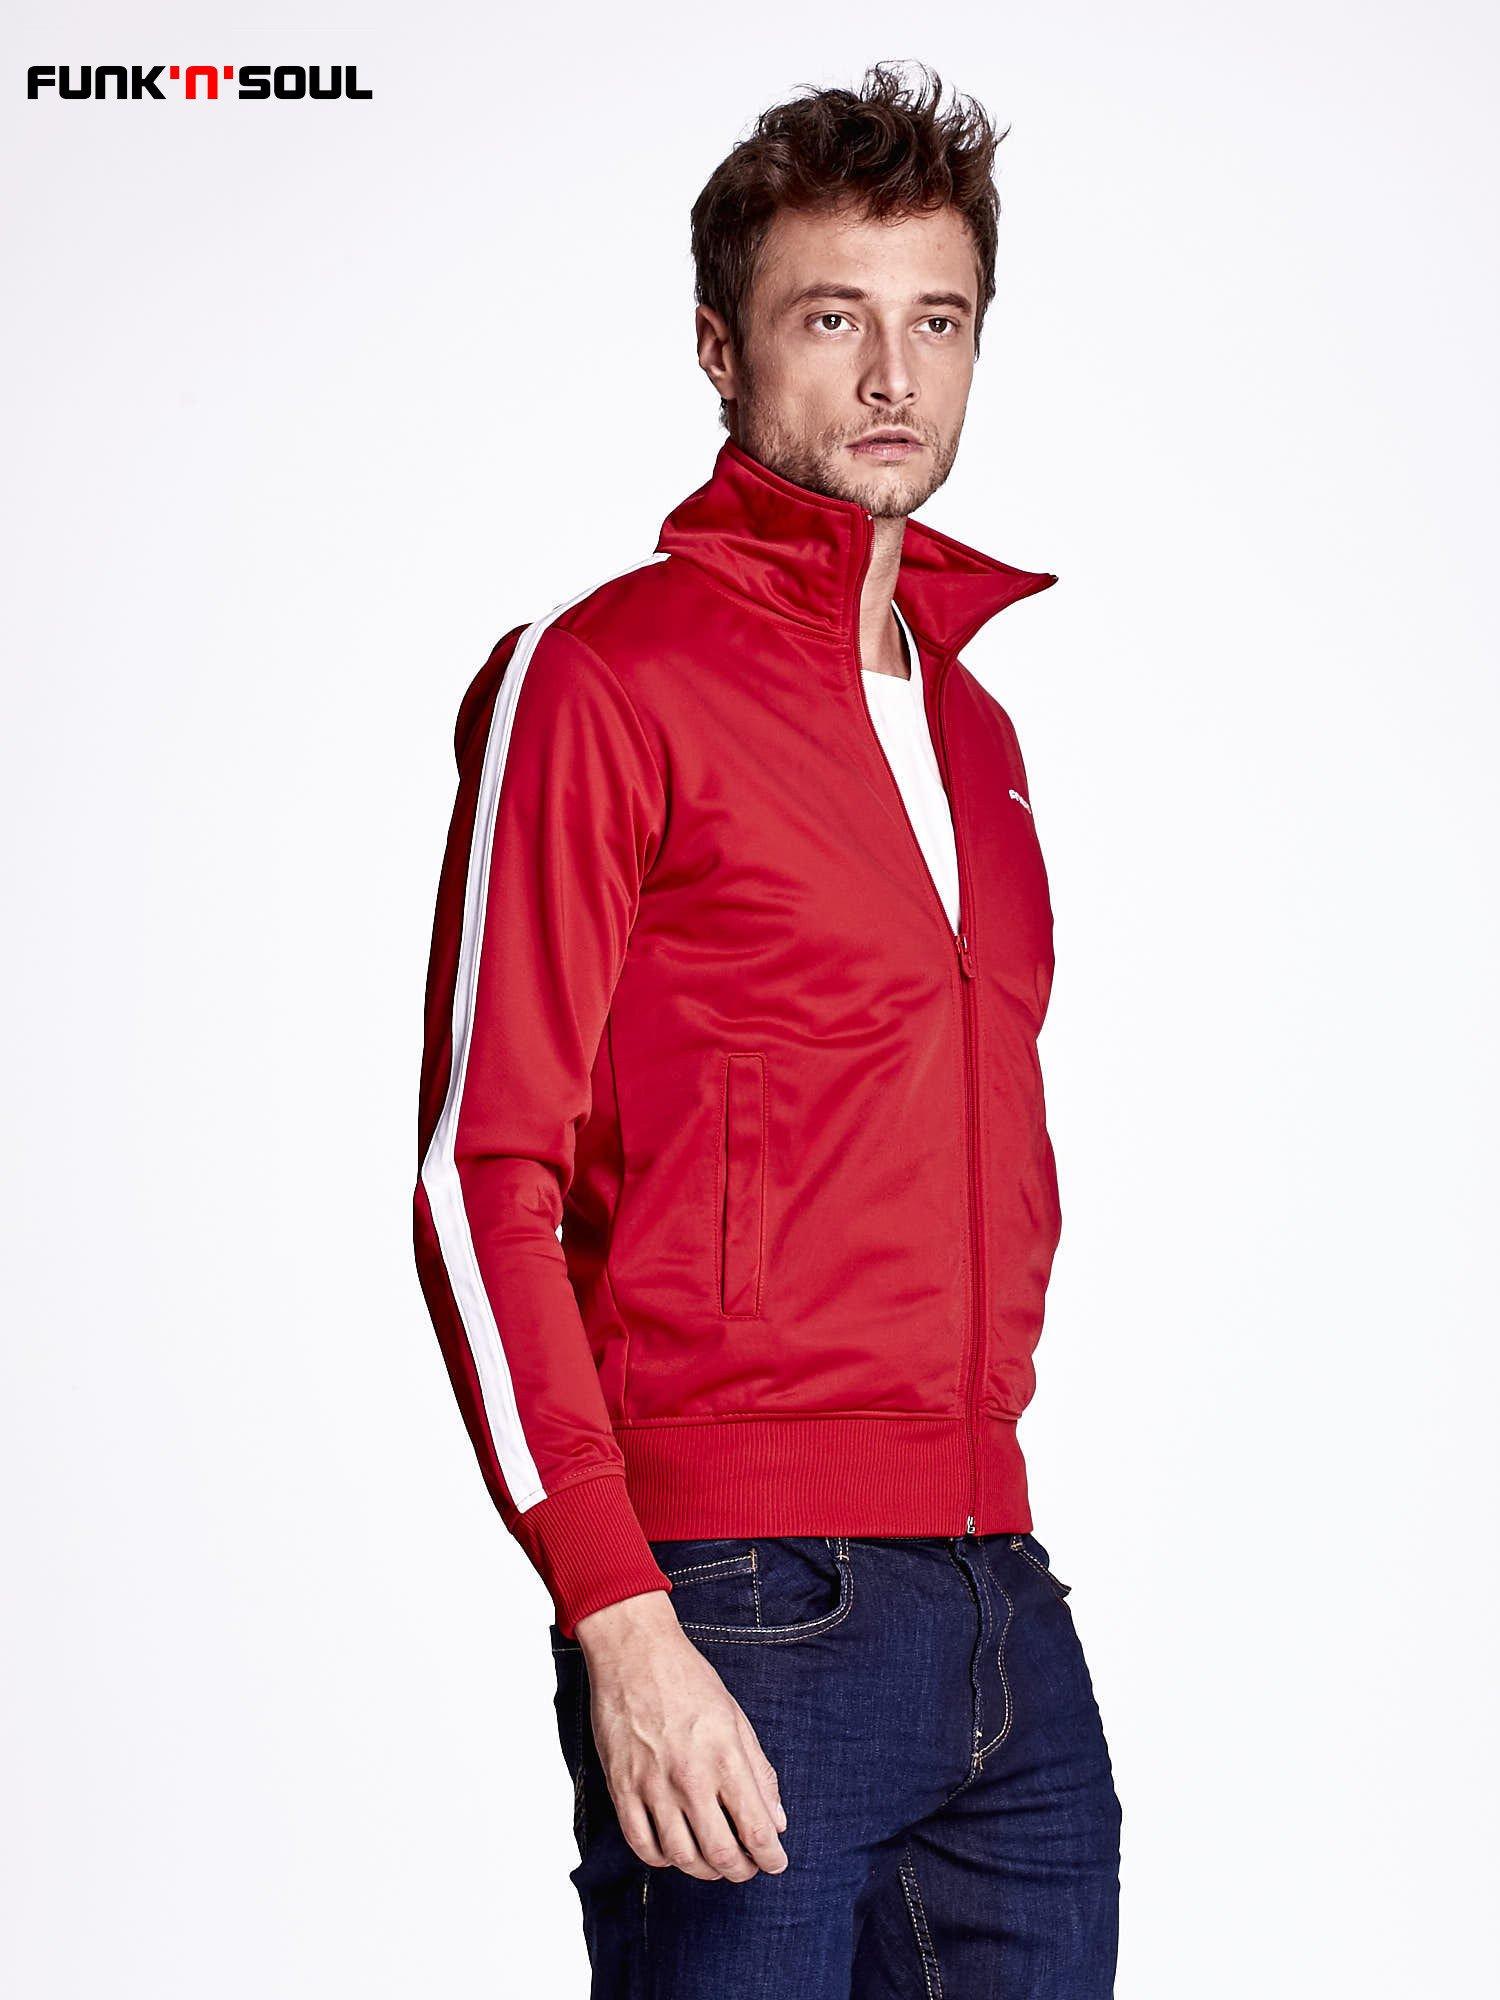 Czerwona bluza męska ze stójką FUNK N SOUL                                  zdj.                                  3